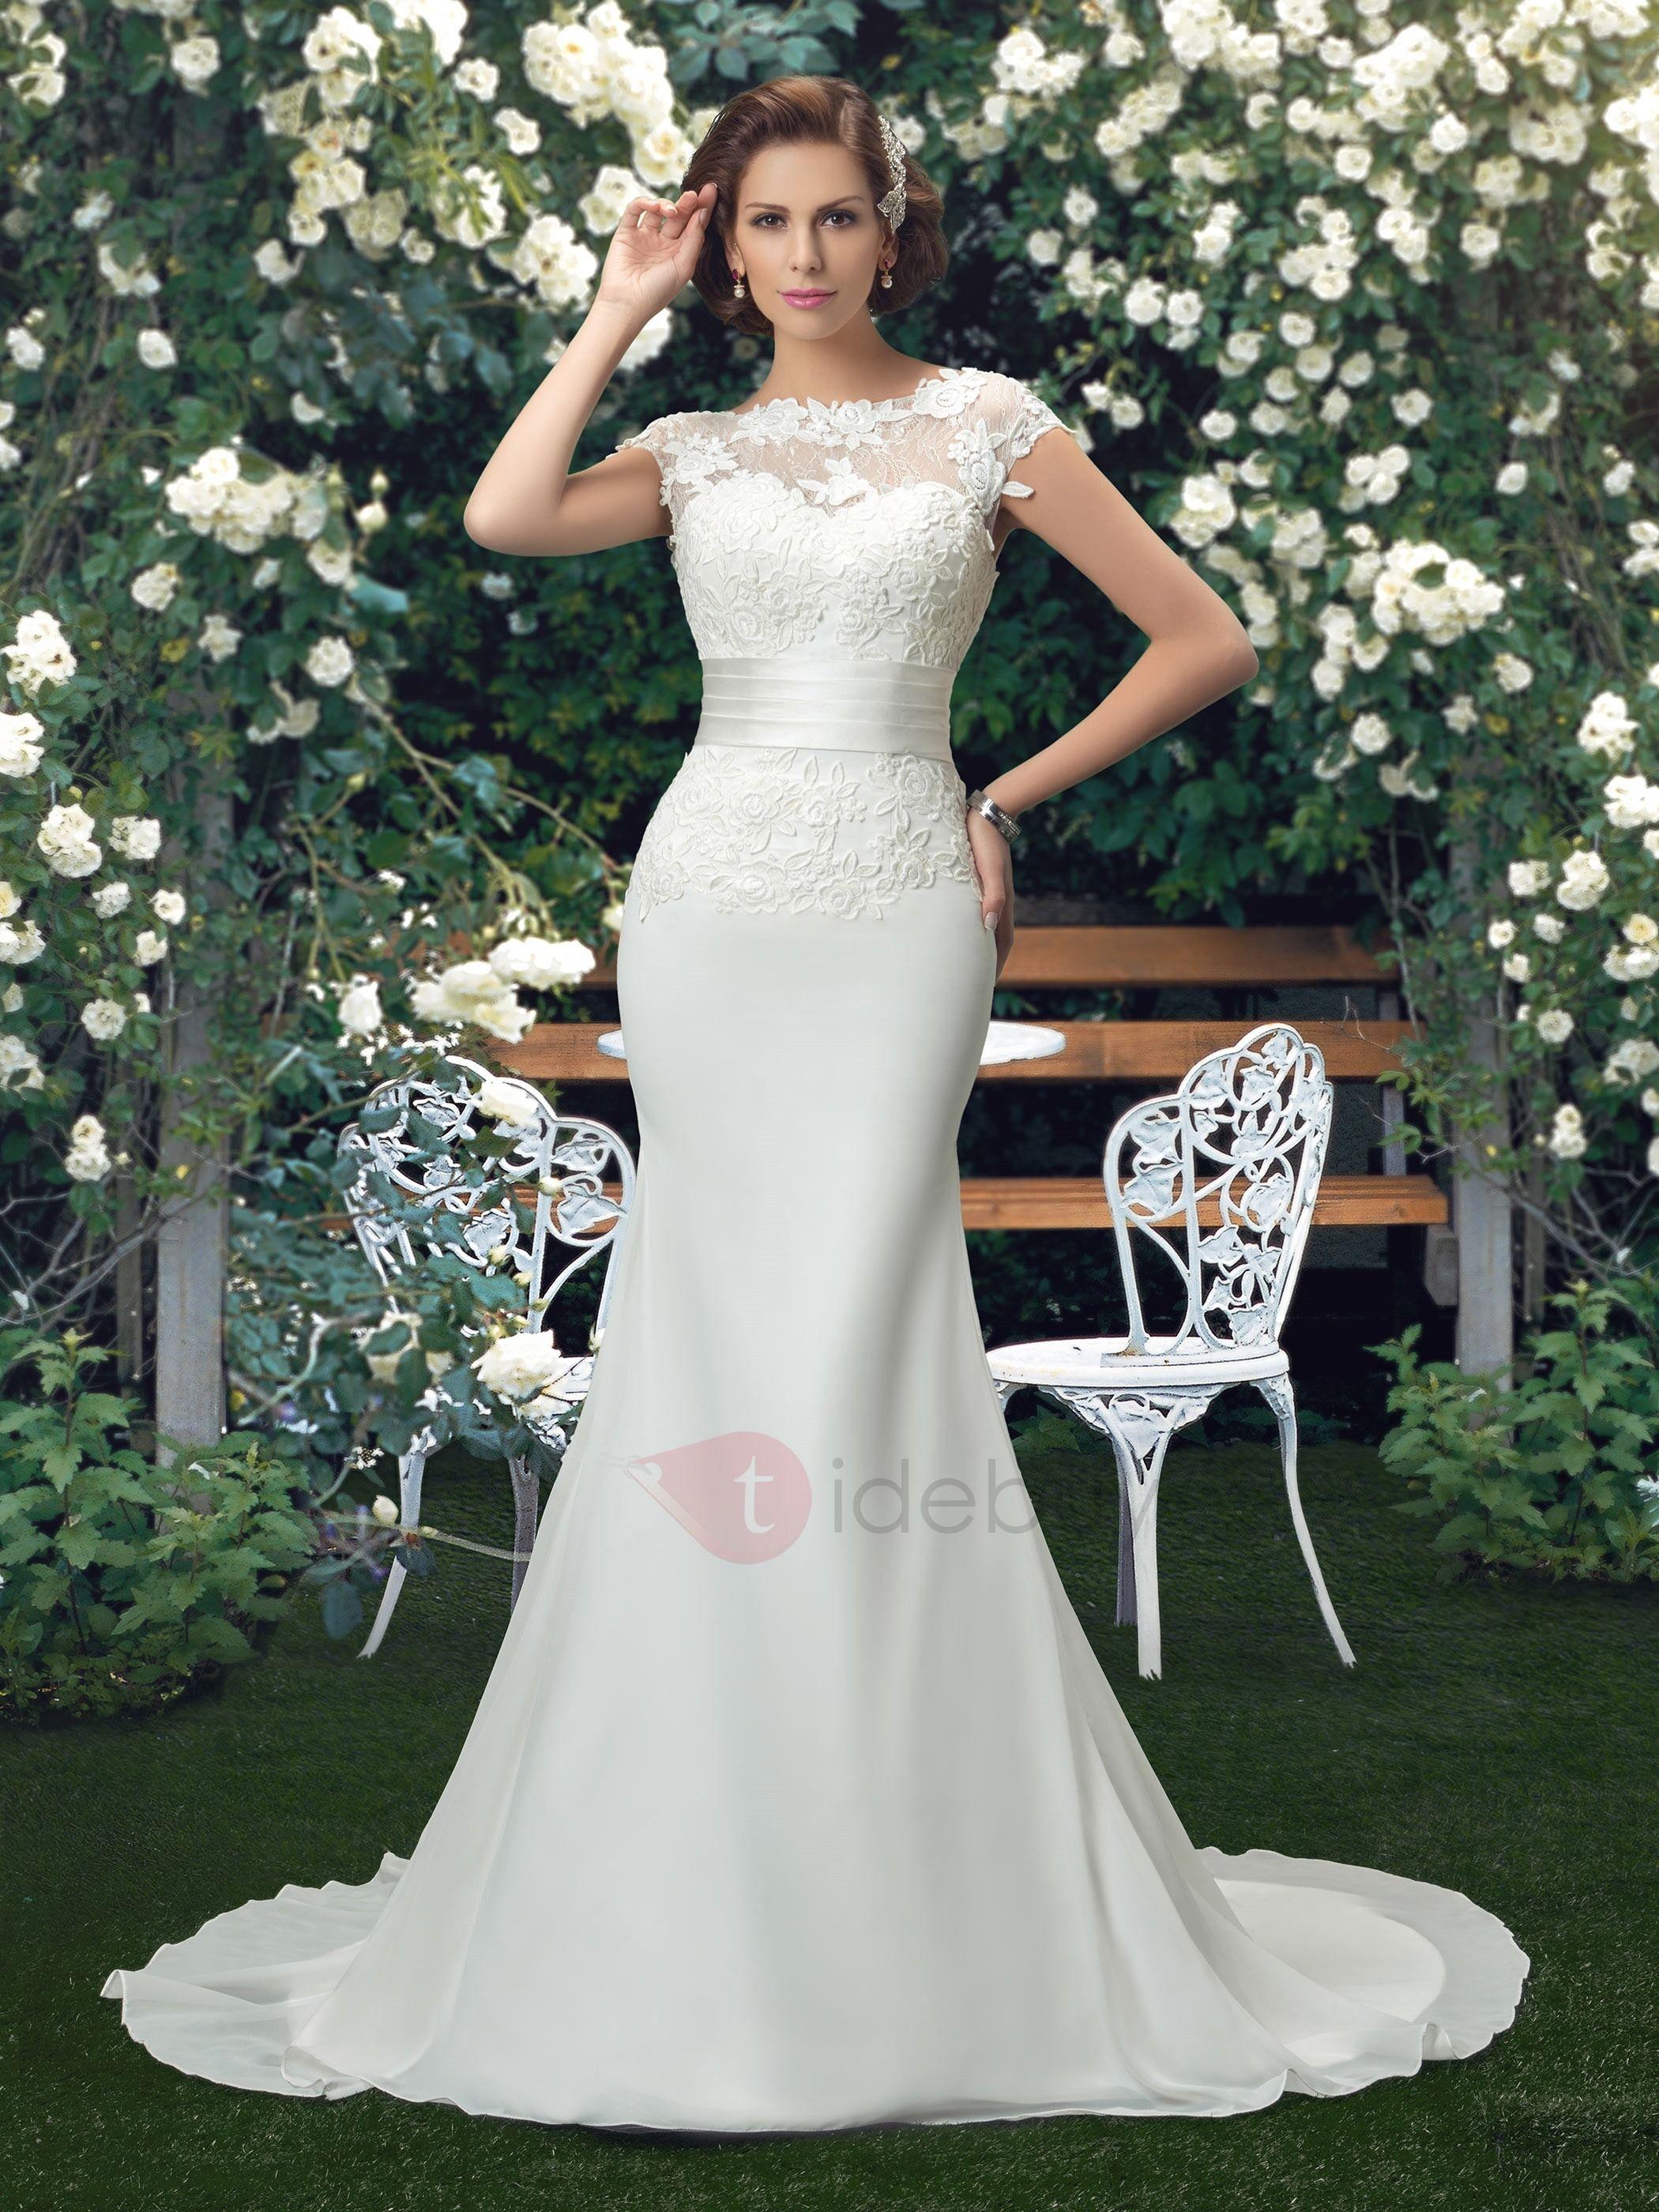 Lace appliques flowers cap sleeve mermaid wedding dress mermaid